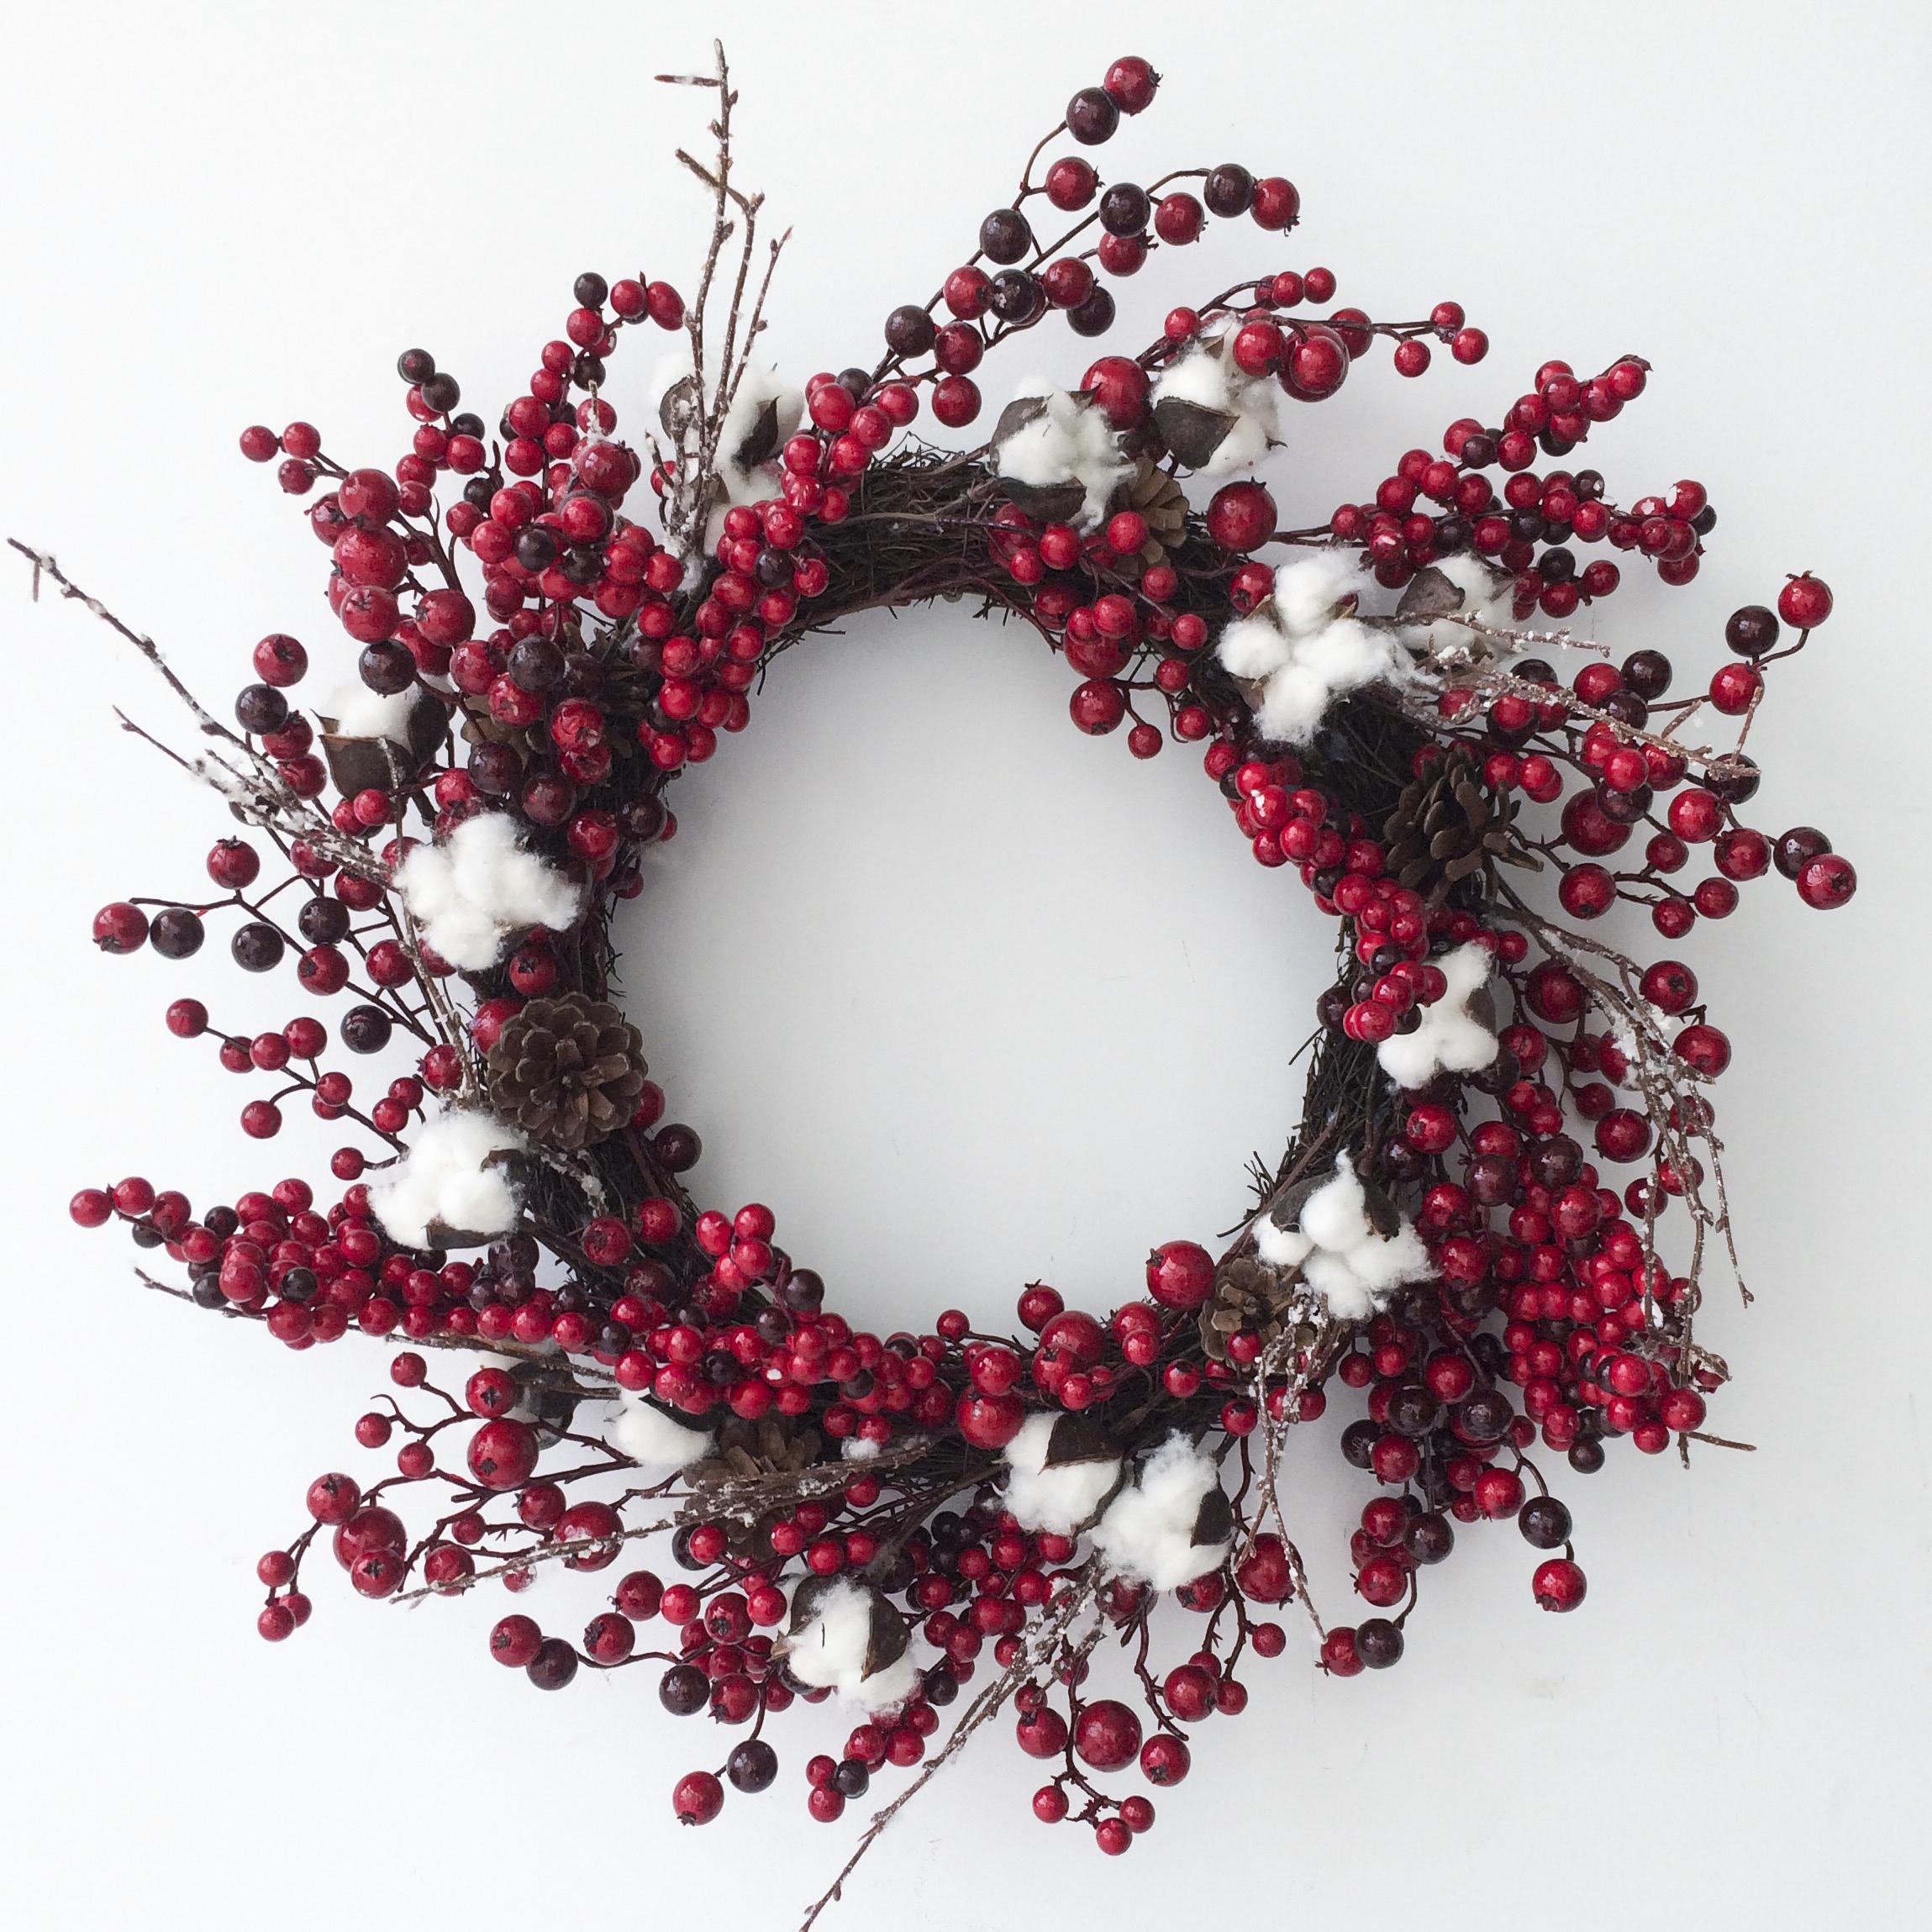 couronne, fleur de coton, baies rouges, noël